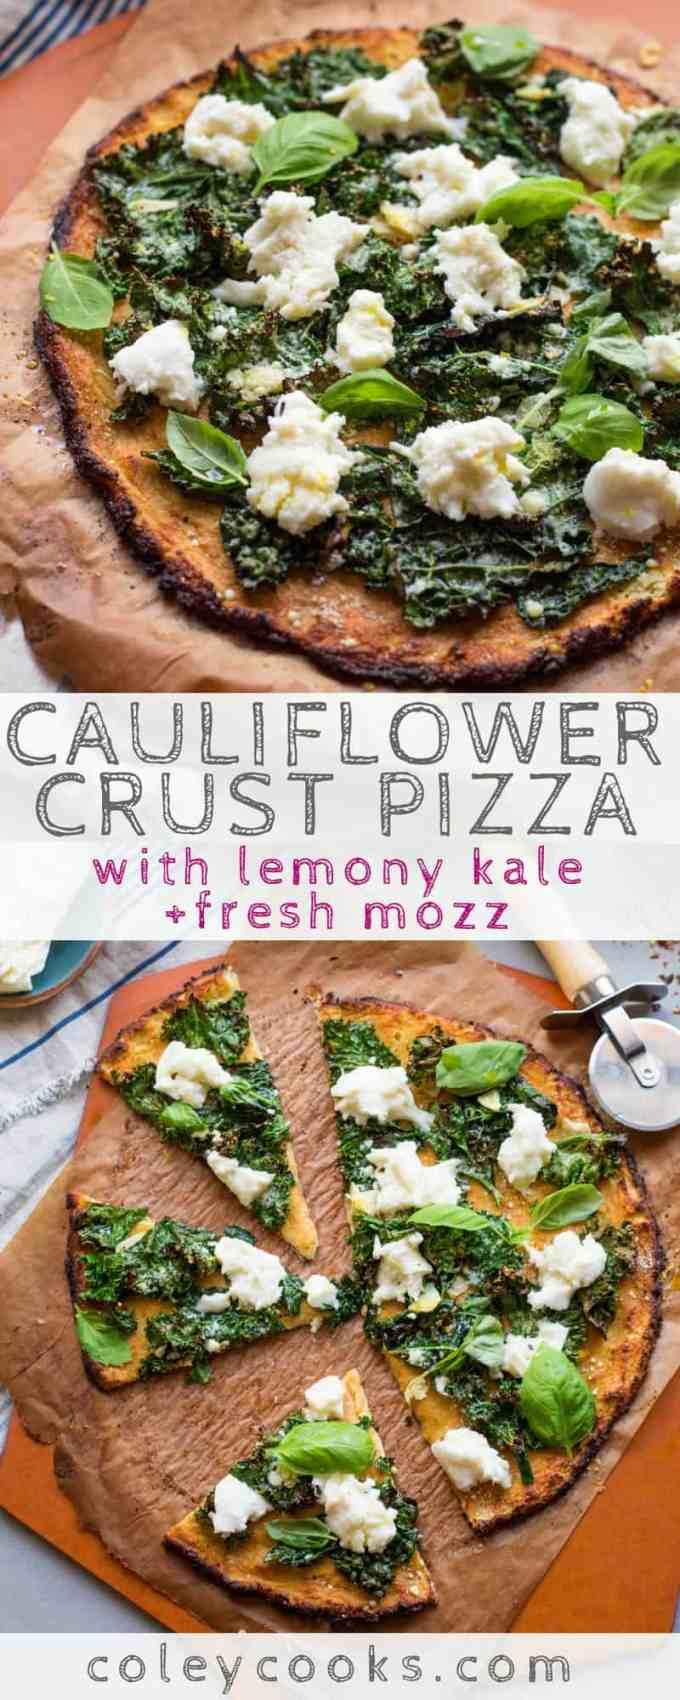 CAULIFLOWER CRUST PIZZA with LEMONY KALE + FRESH MOZZ   Easy + healthy cauliflower crust pizza with fresh mozzarella and lemony kale!   ColeyCooks.com